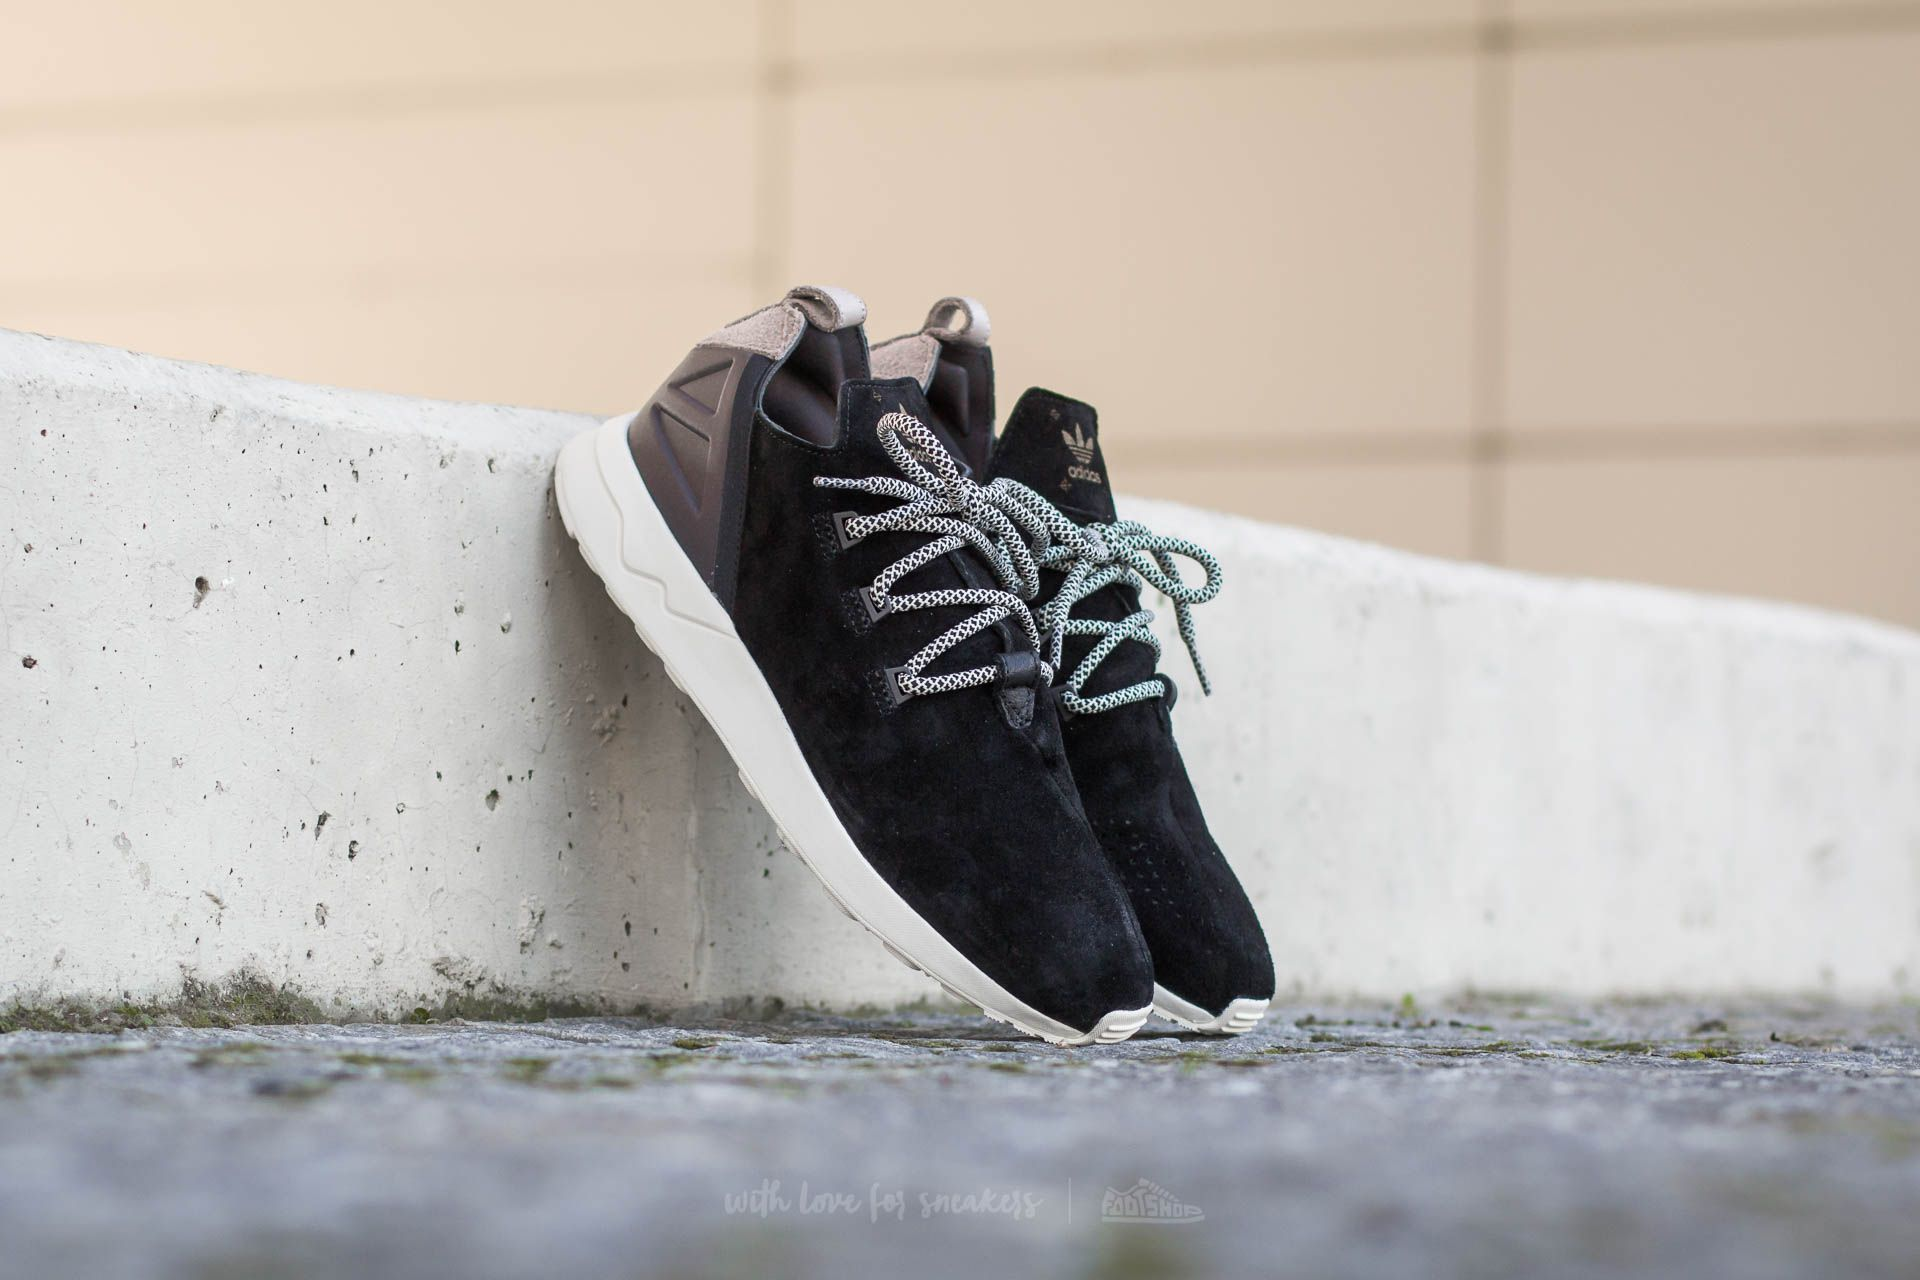 separation shoes 3f7d0 447cb adidas ZX Flux ADV X Core Black/ Core Black/ Ftw White ...